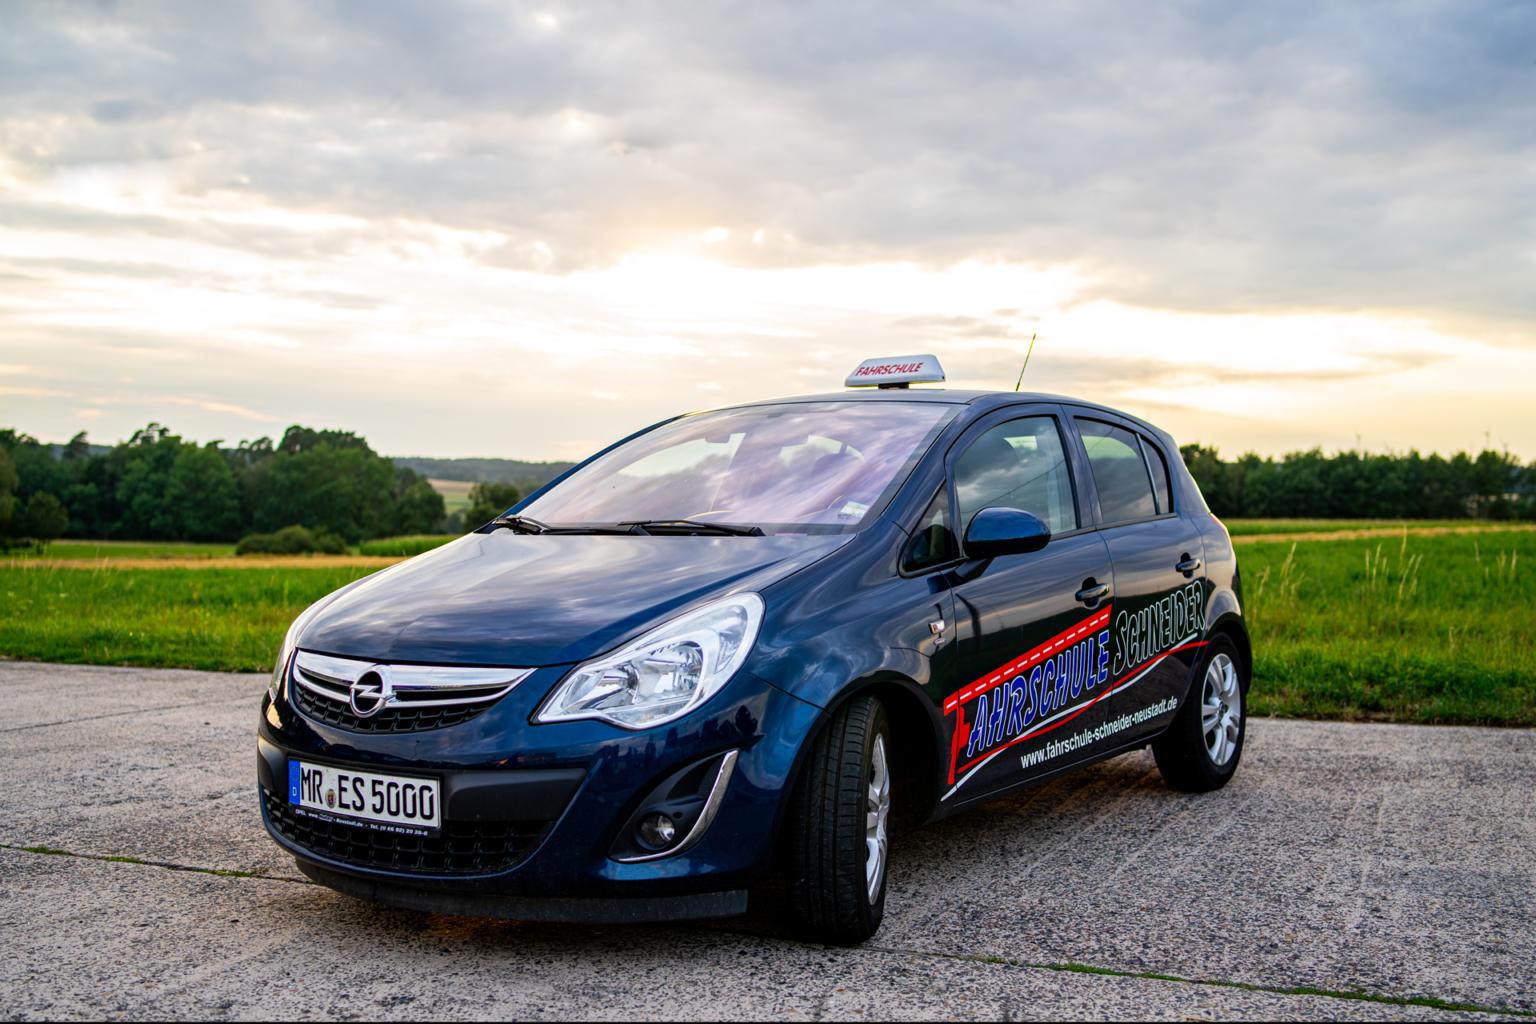 Opel Corsa Fahrschule Schneider Neustadt